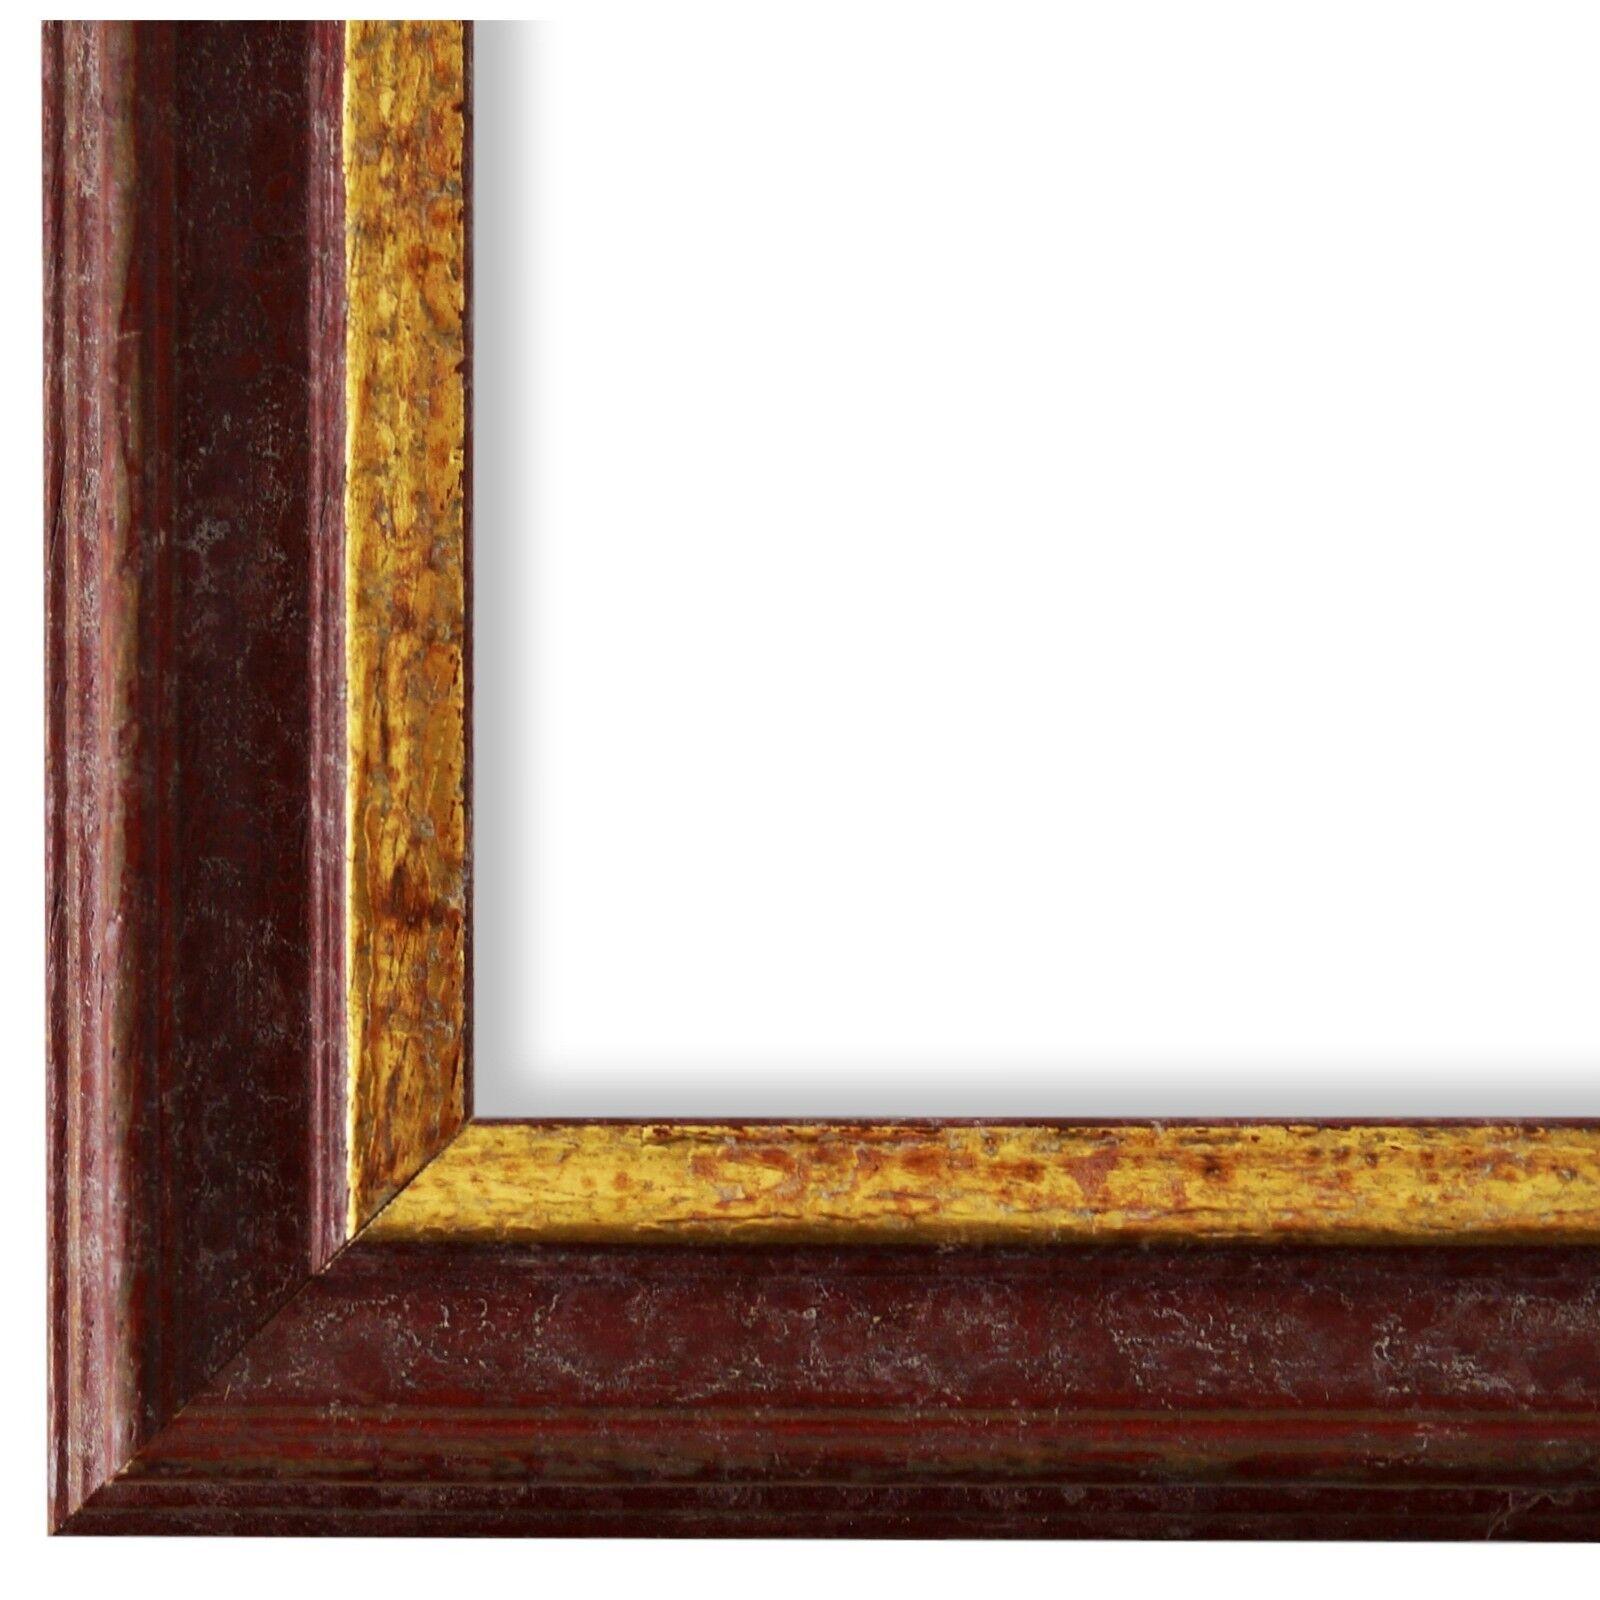 Bilderrahmen Rot Gold Vintage Retro Holz Forli 3,7 - NEU alle Größen